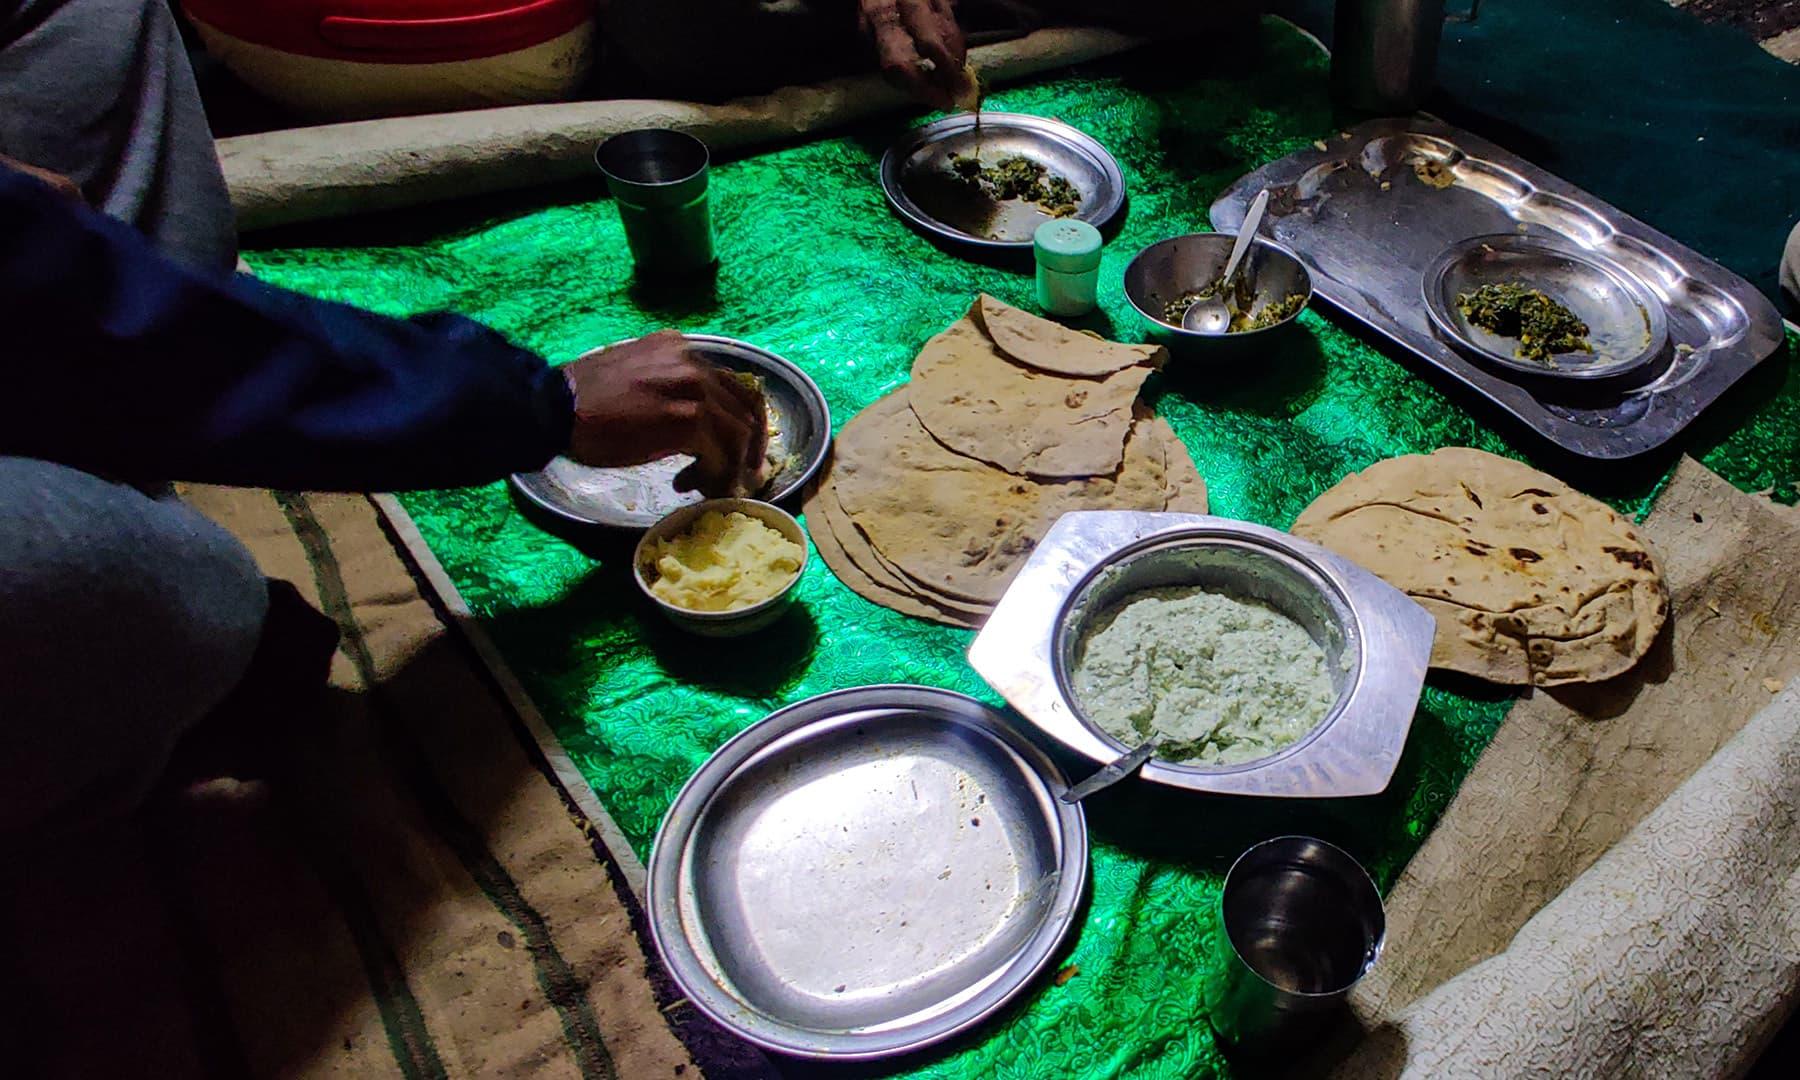 عشائیے میں مقامی سبزی، دیسی گھی اور لسی سے تواضع کی گئی